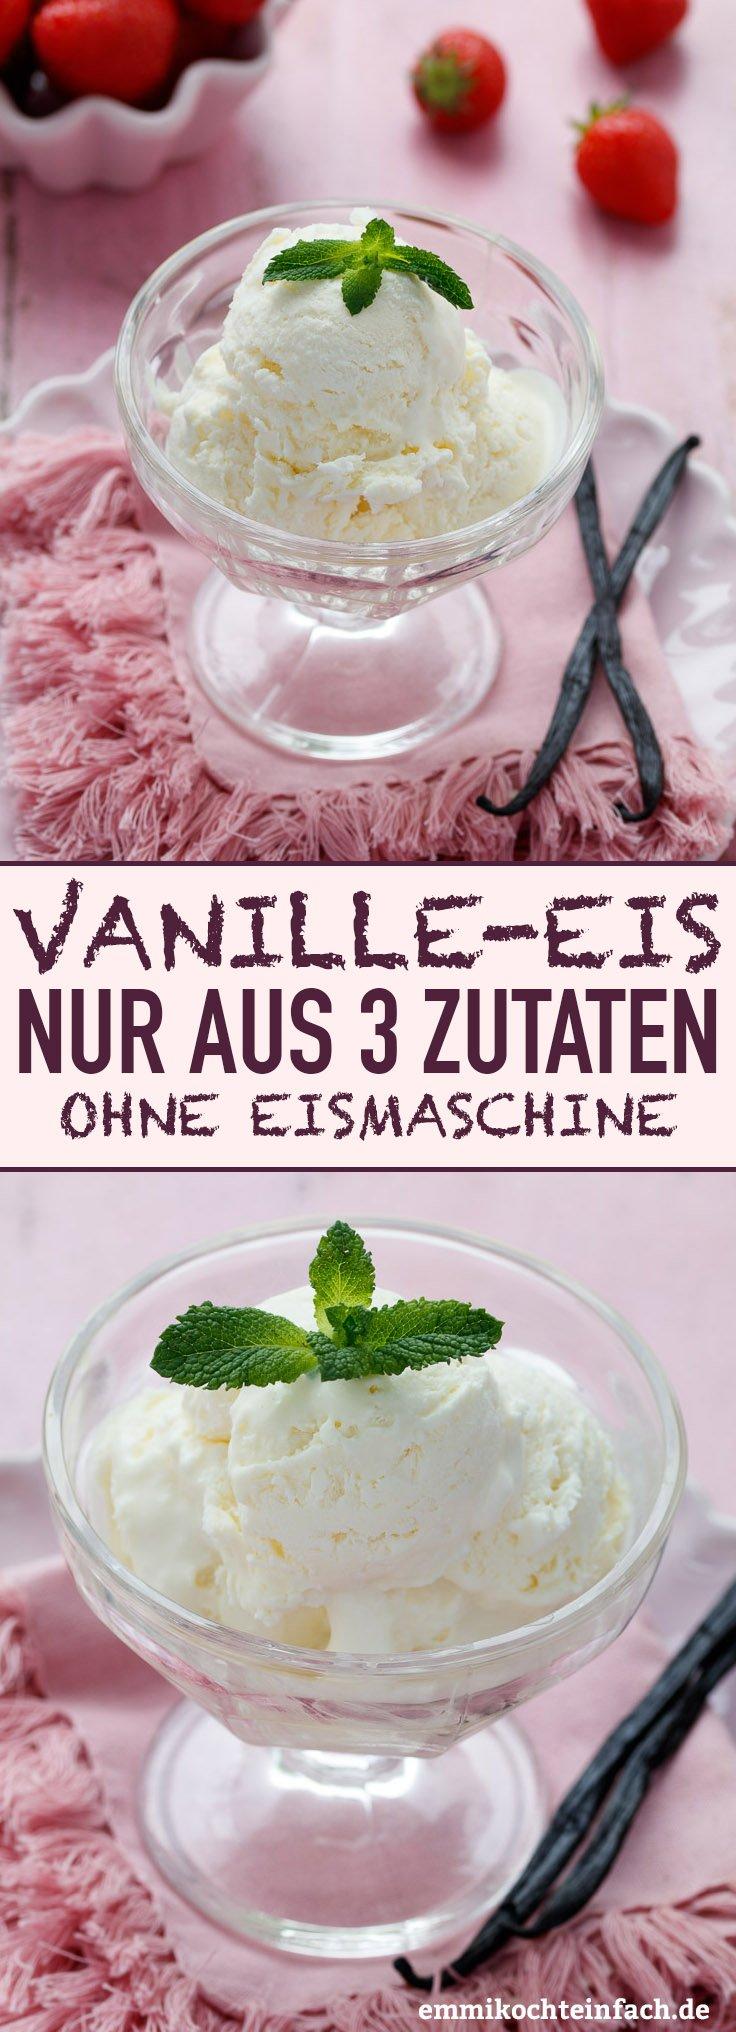 Vanilleeis ohne Eismaschine - www.emmikochteinfach.de